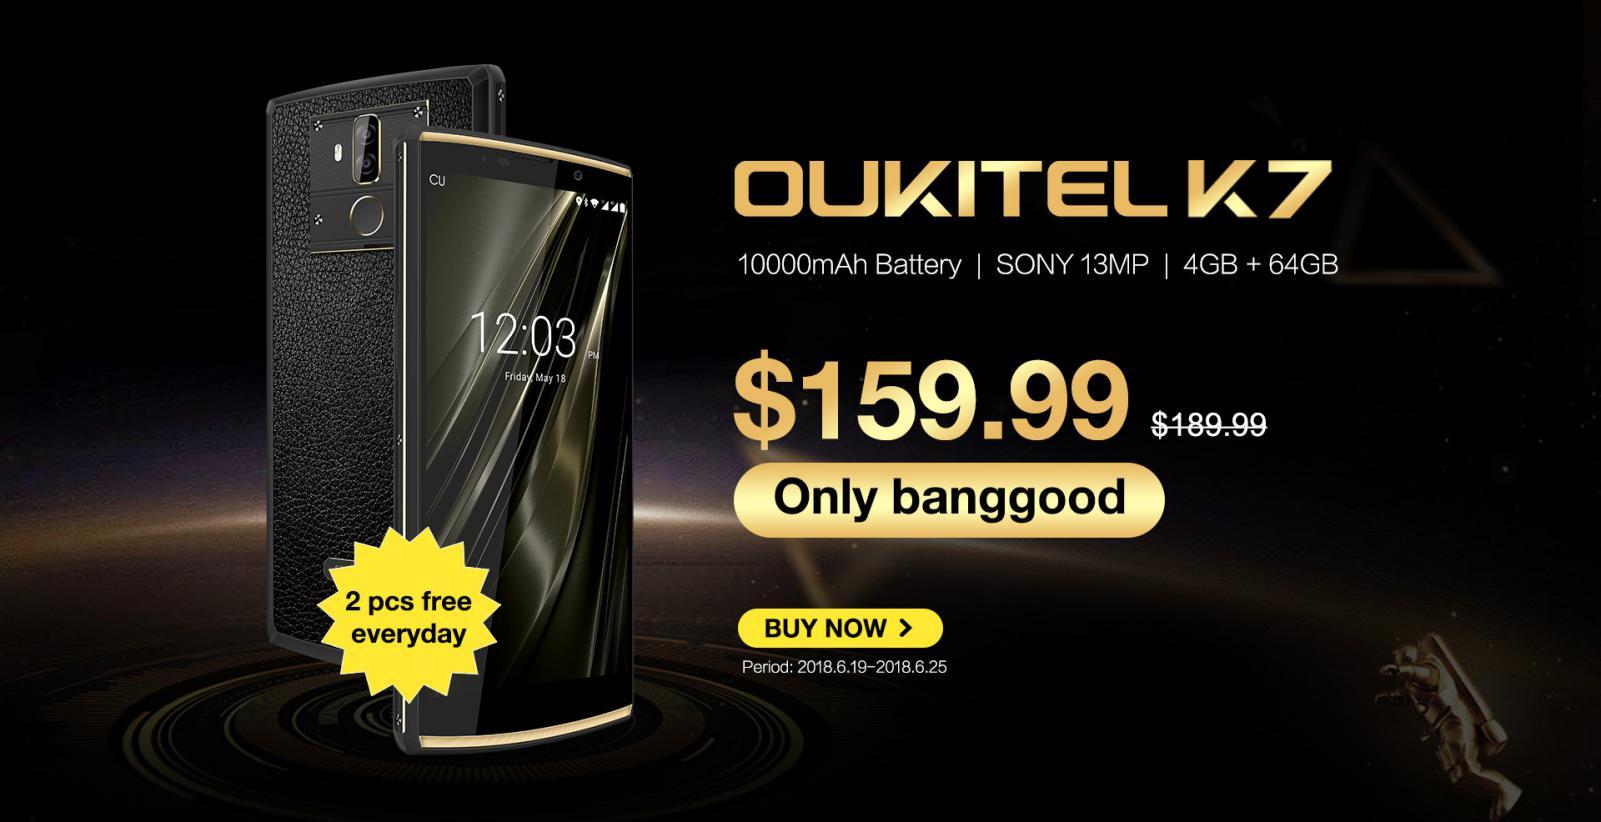 OUKITEL е известен преди всичко със своите смартфони с мощни